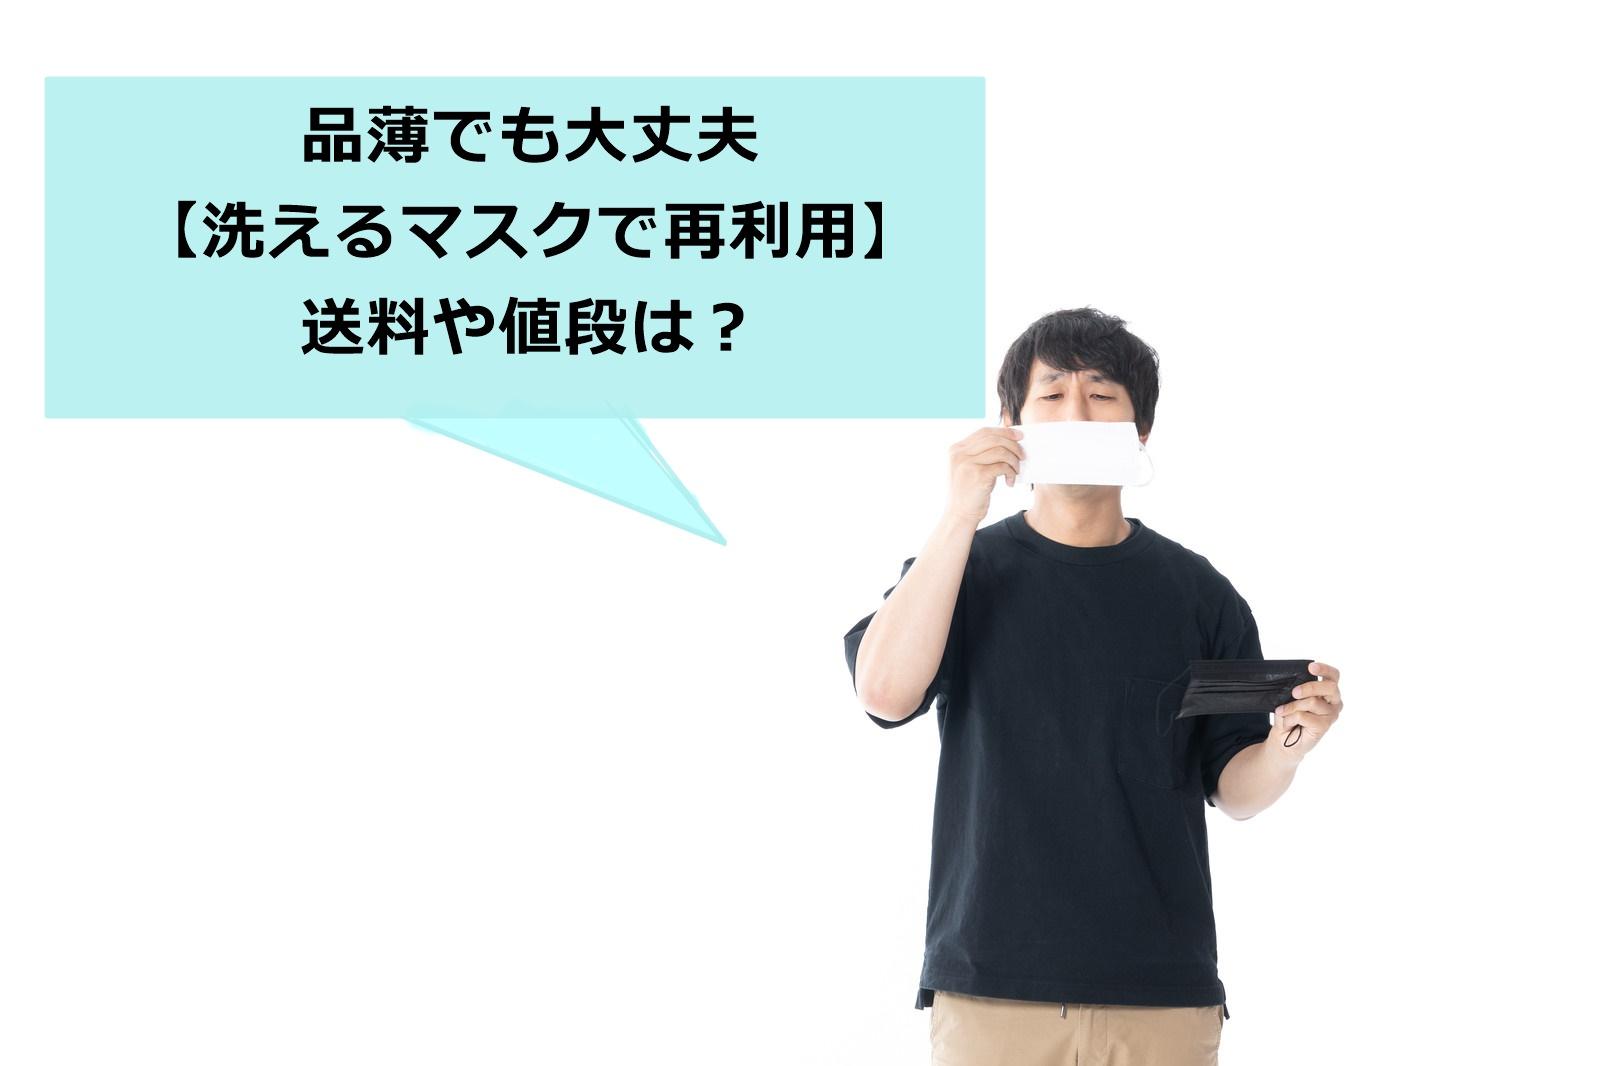 マスク不足に困らない⁈【洗えるマスク】の値段や通販の送料は?